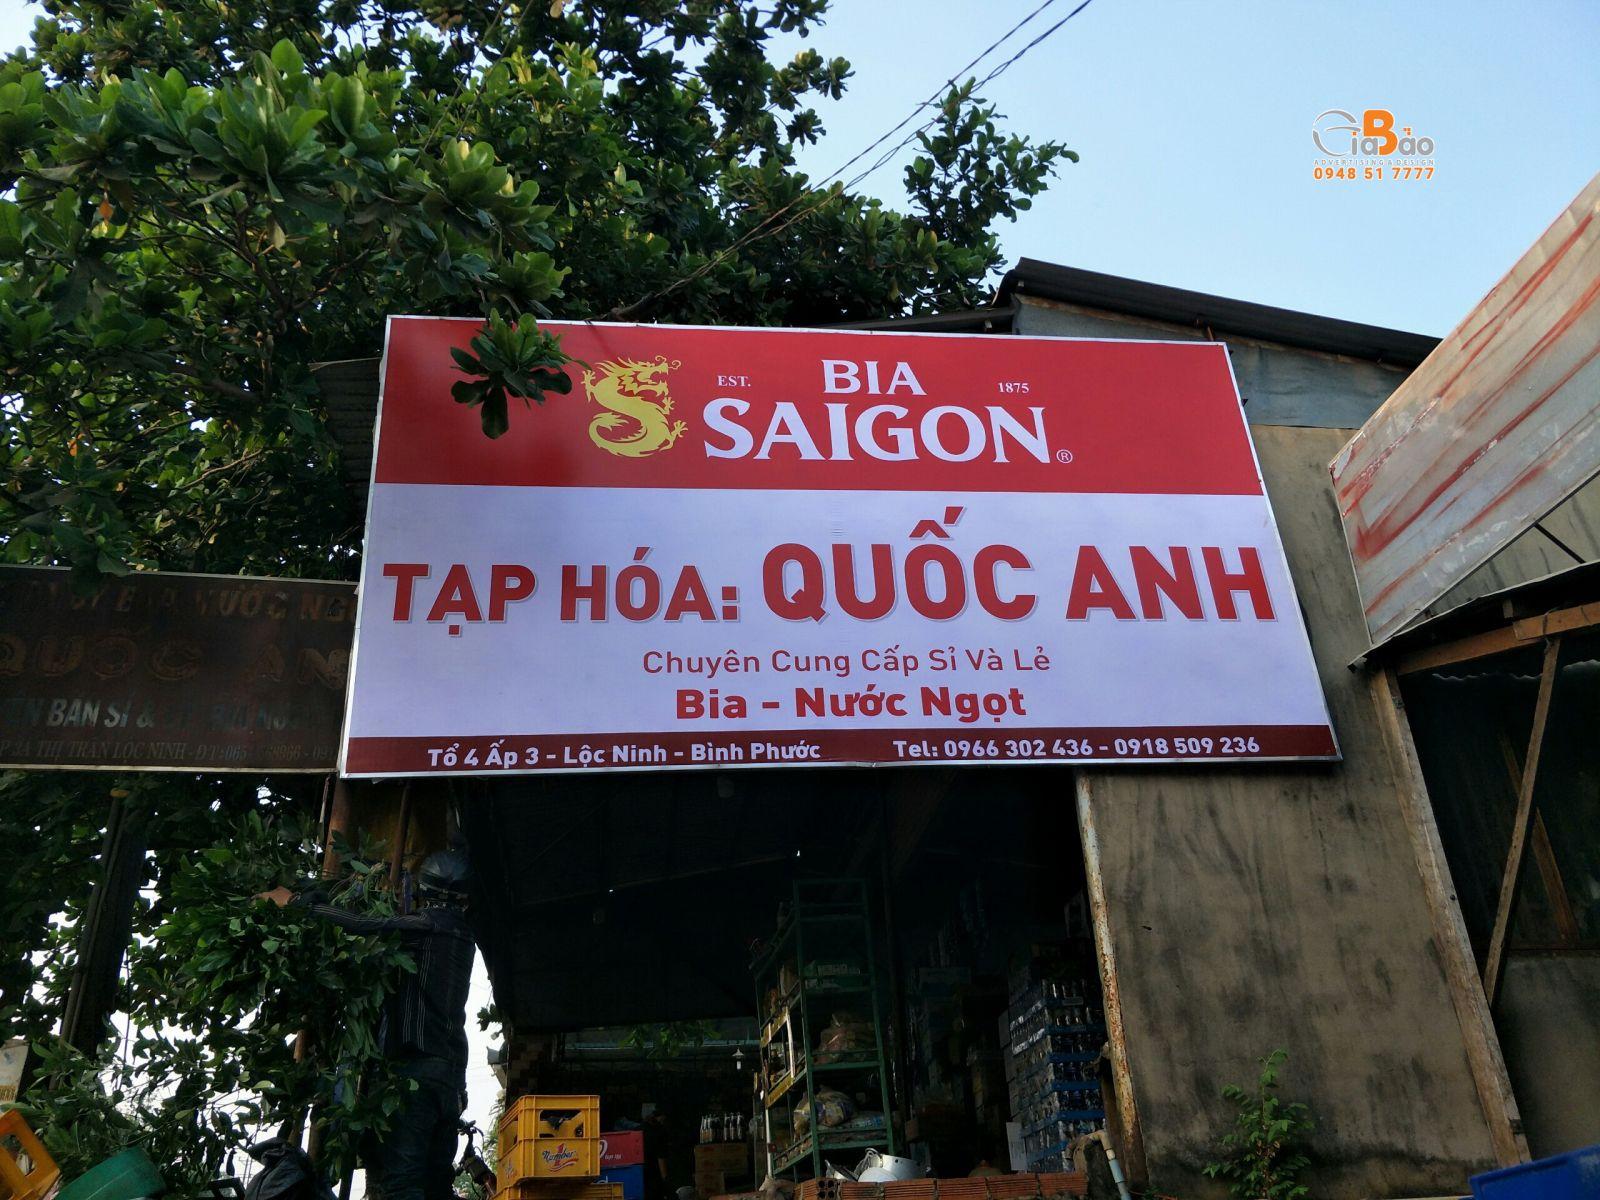 THI CÔNG BẢNG HIỆU LOGO BIA SÀI GÒN